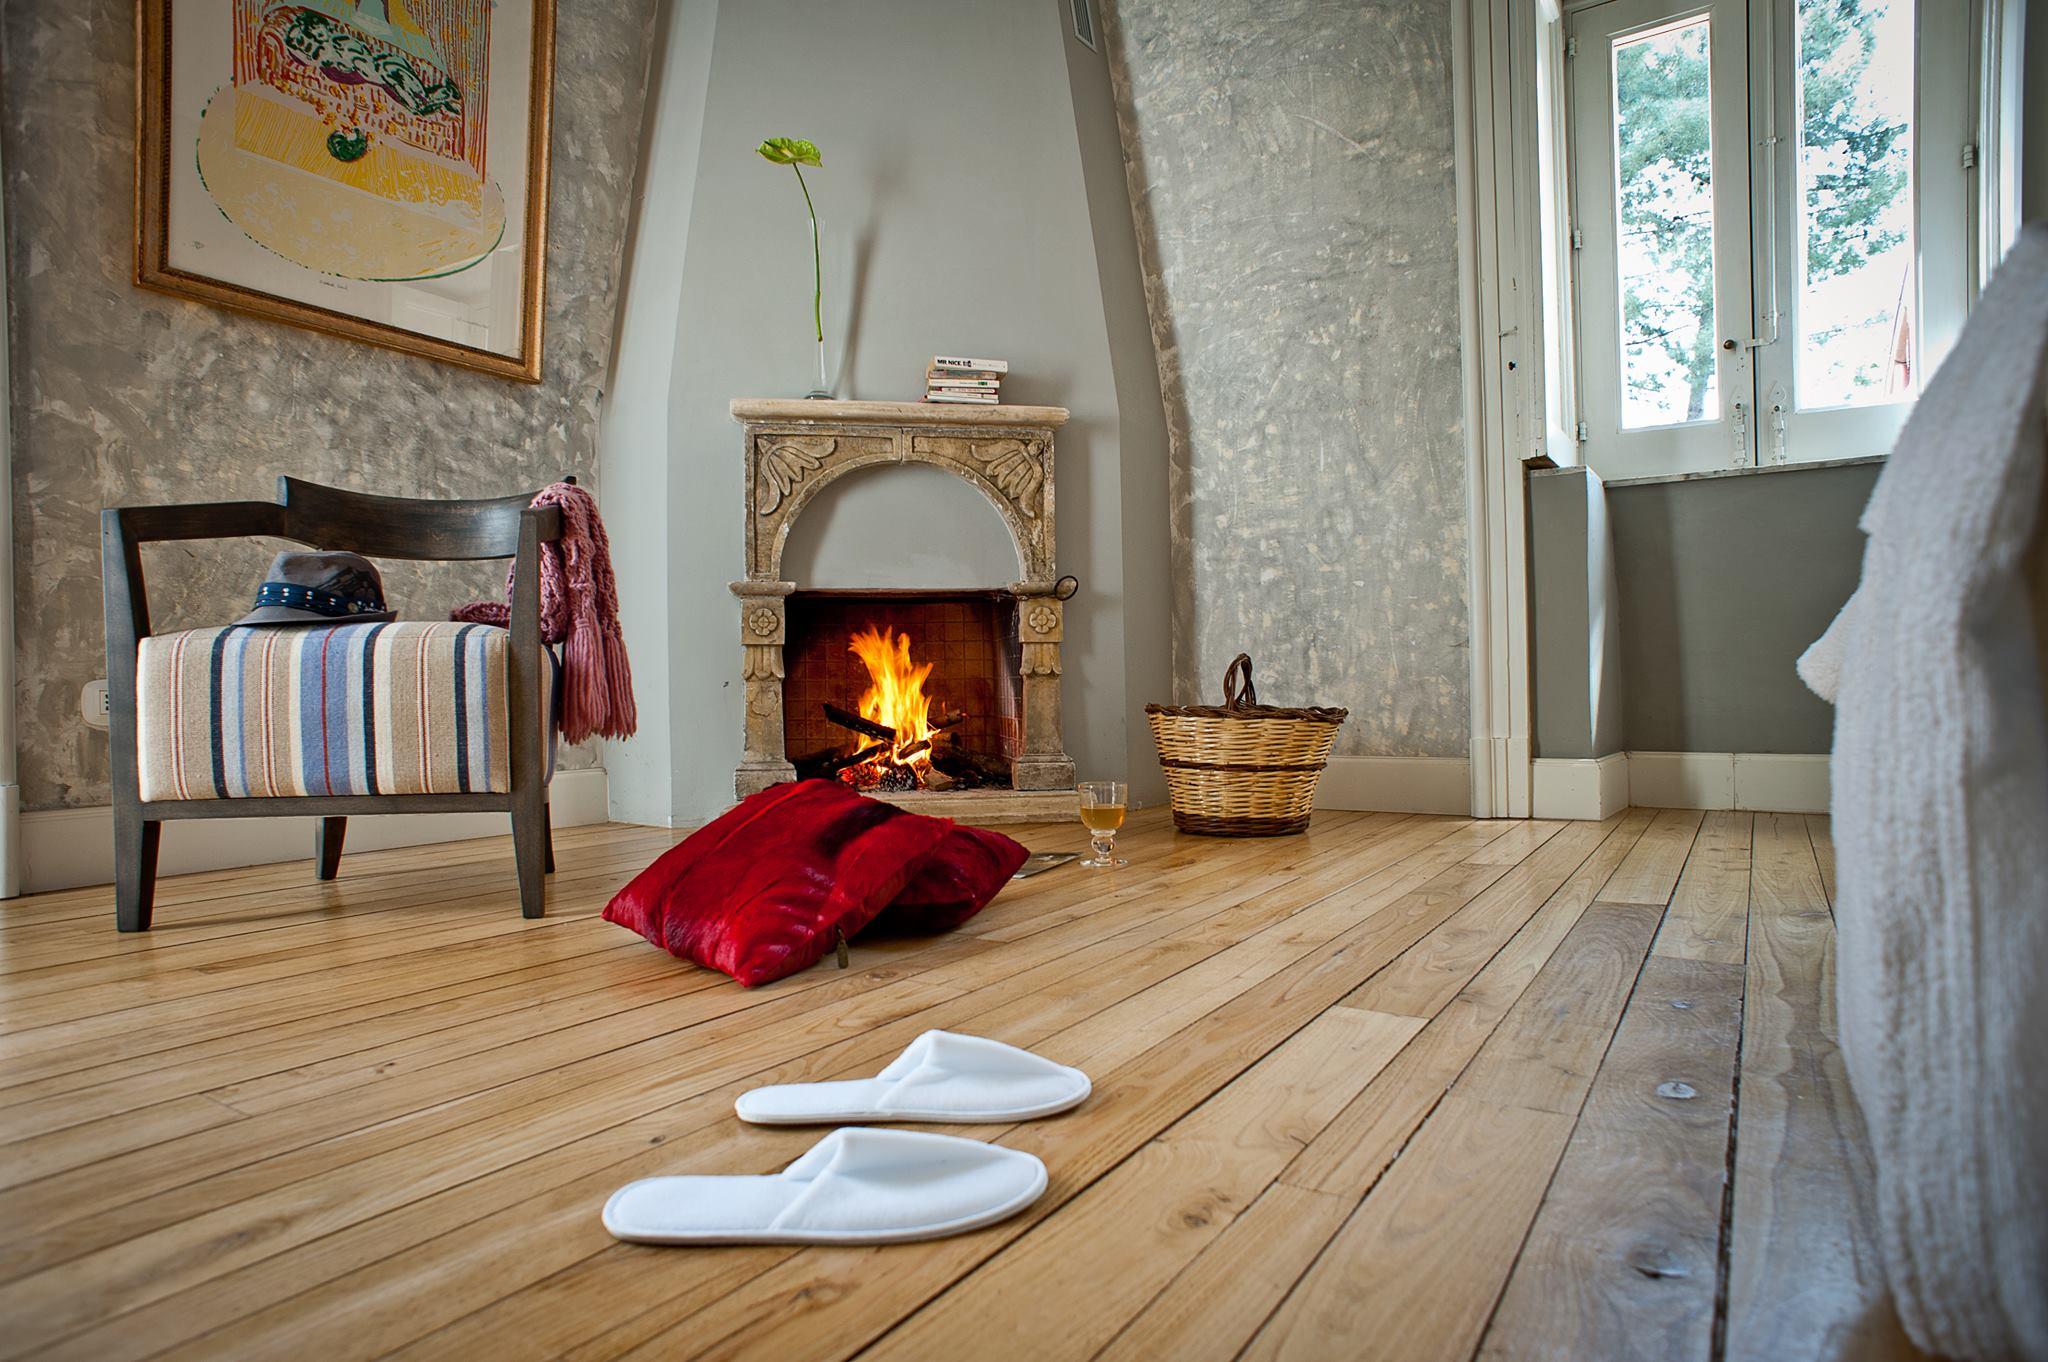 Monaci delle Terre Nere, hotel de charme en Sicile : le charme d'une cheminée